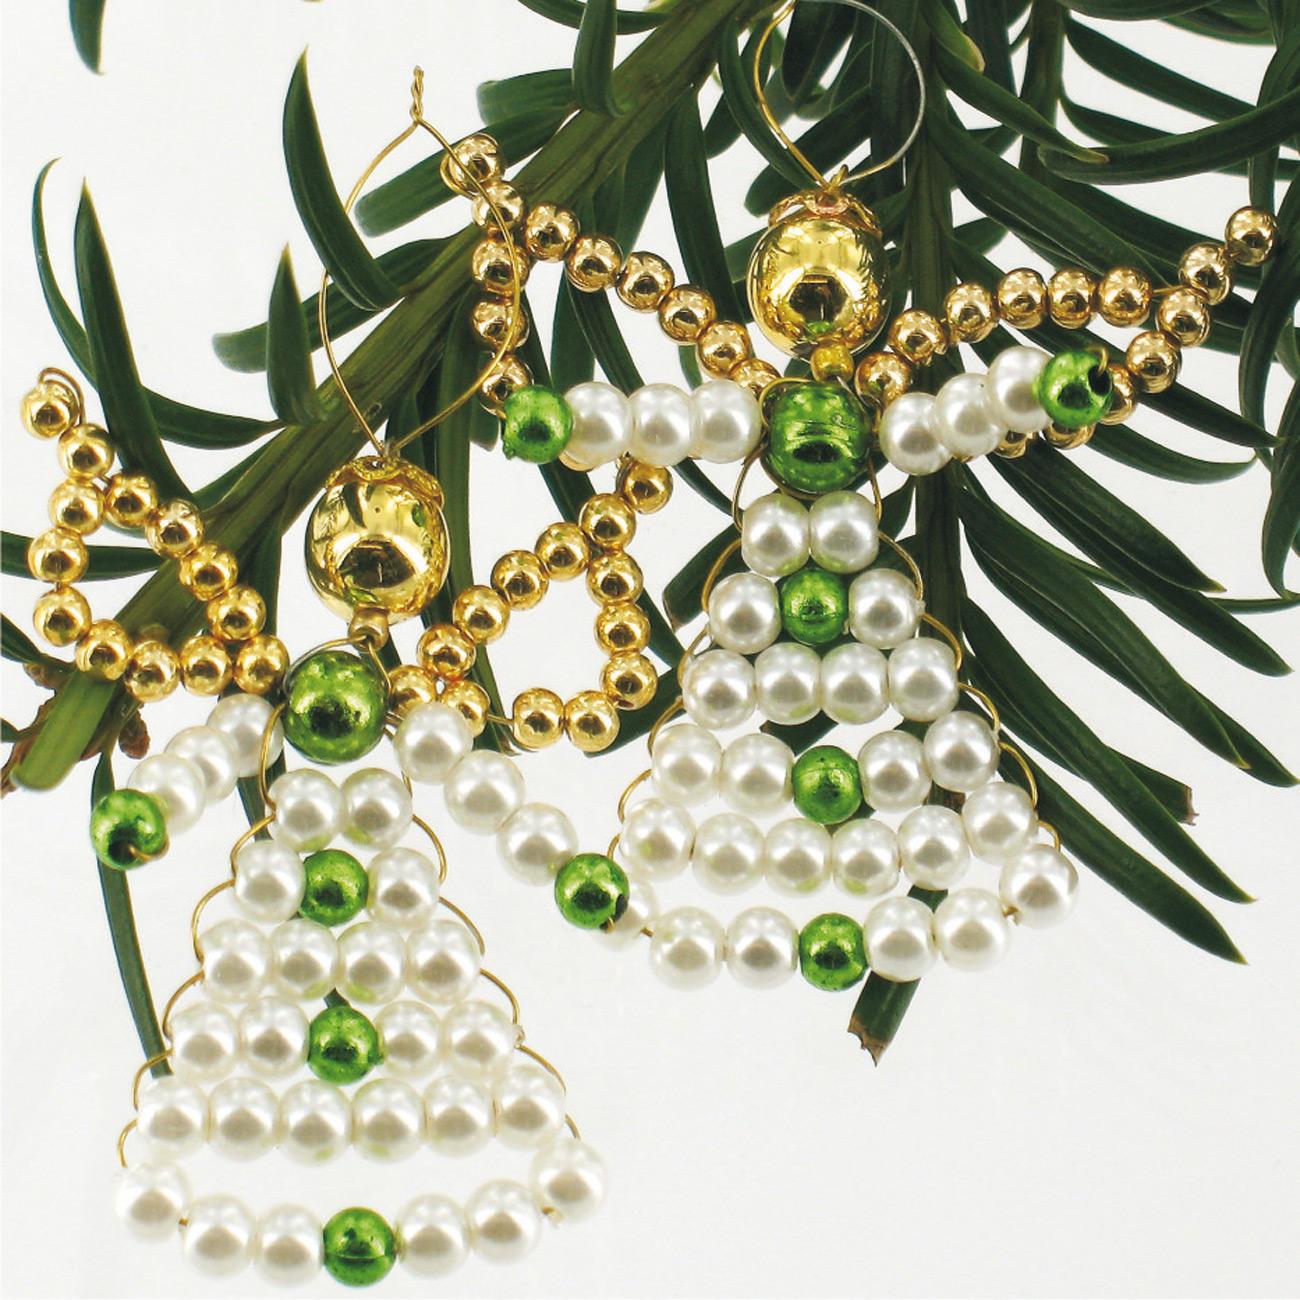 6 perlenengel im set zauberhafter perlen weihnachtsschmuck weihnachtsschmuck. Black Bedroom Furniture Sets. Home Design Ideas